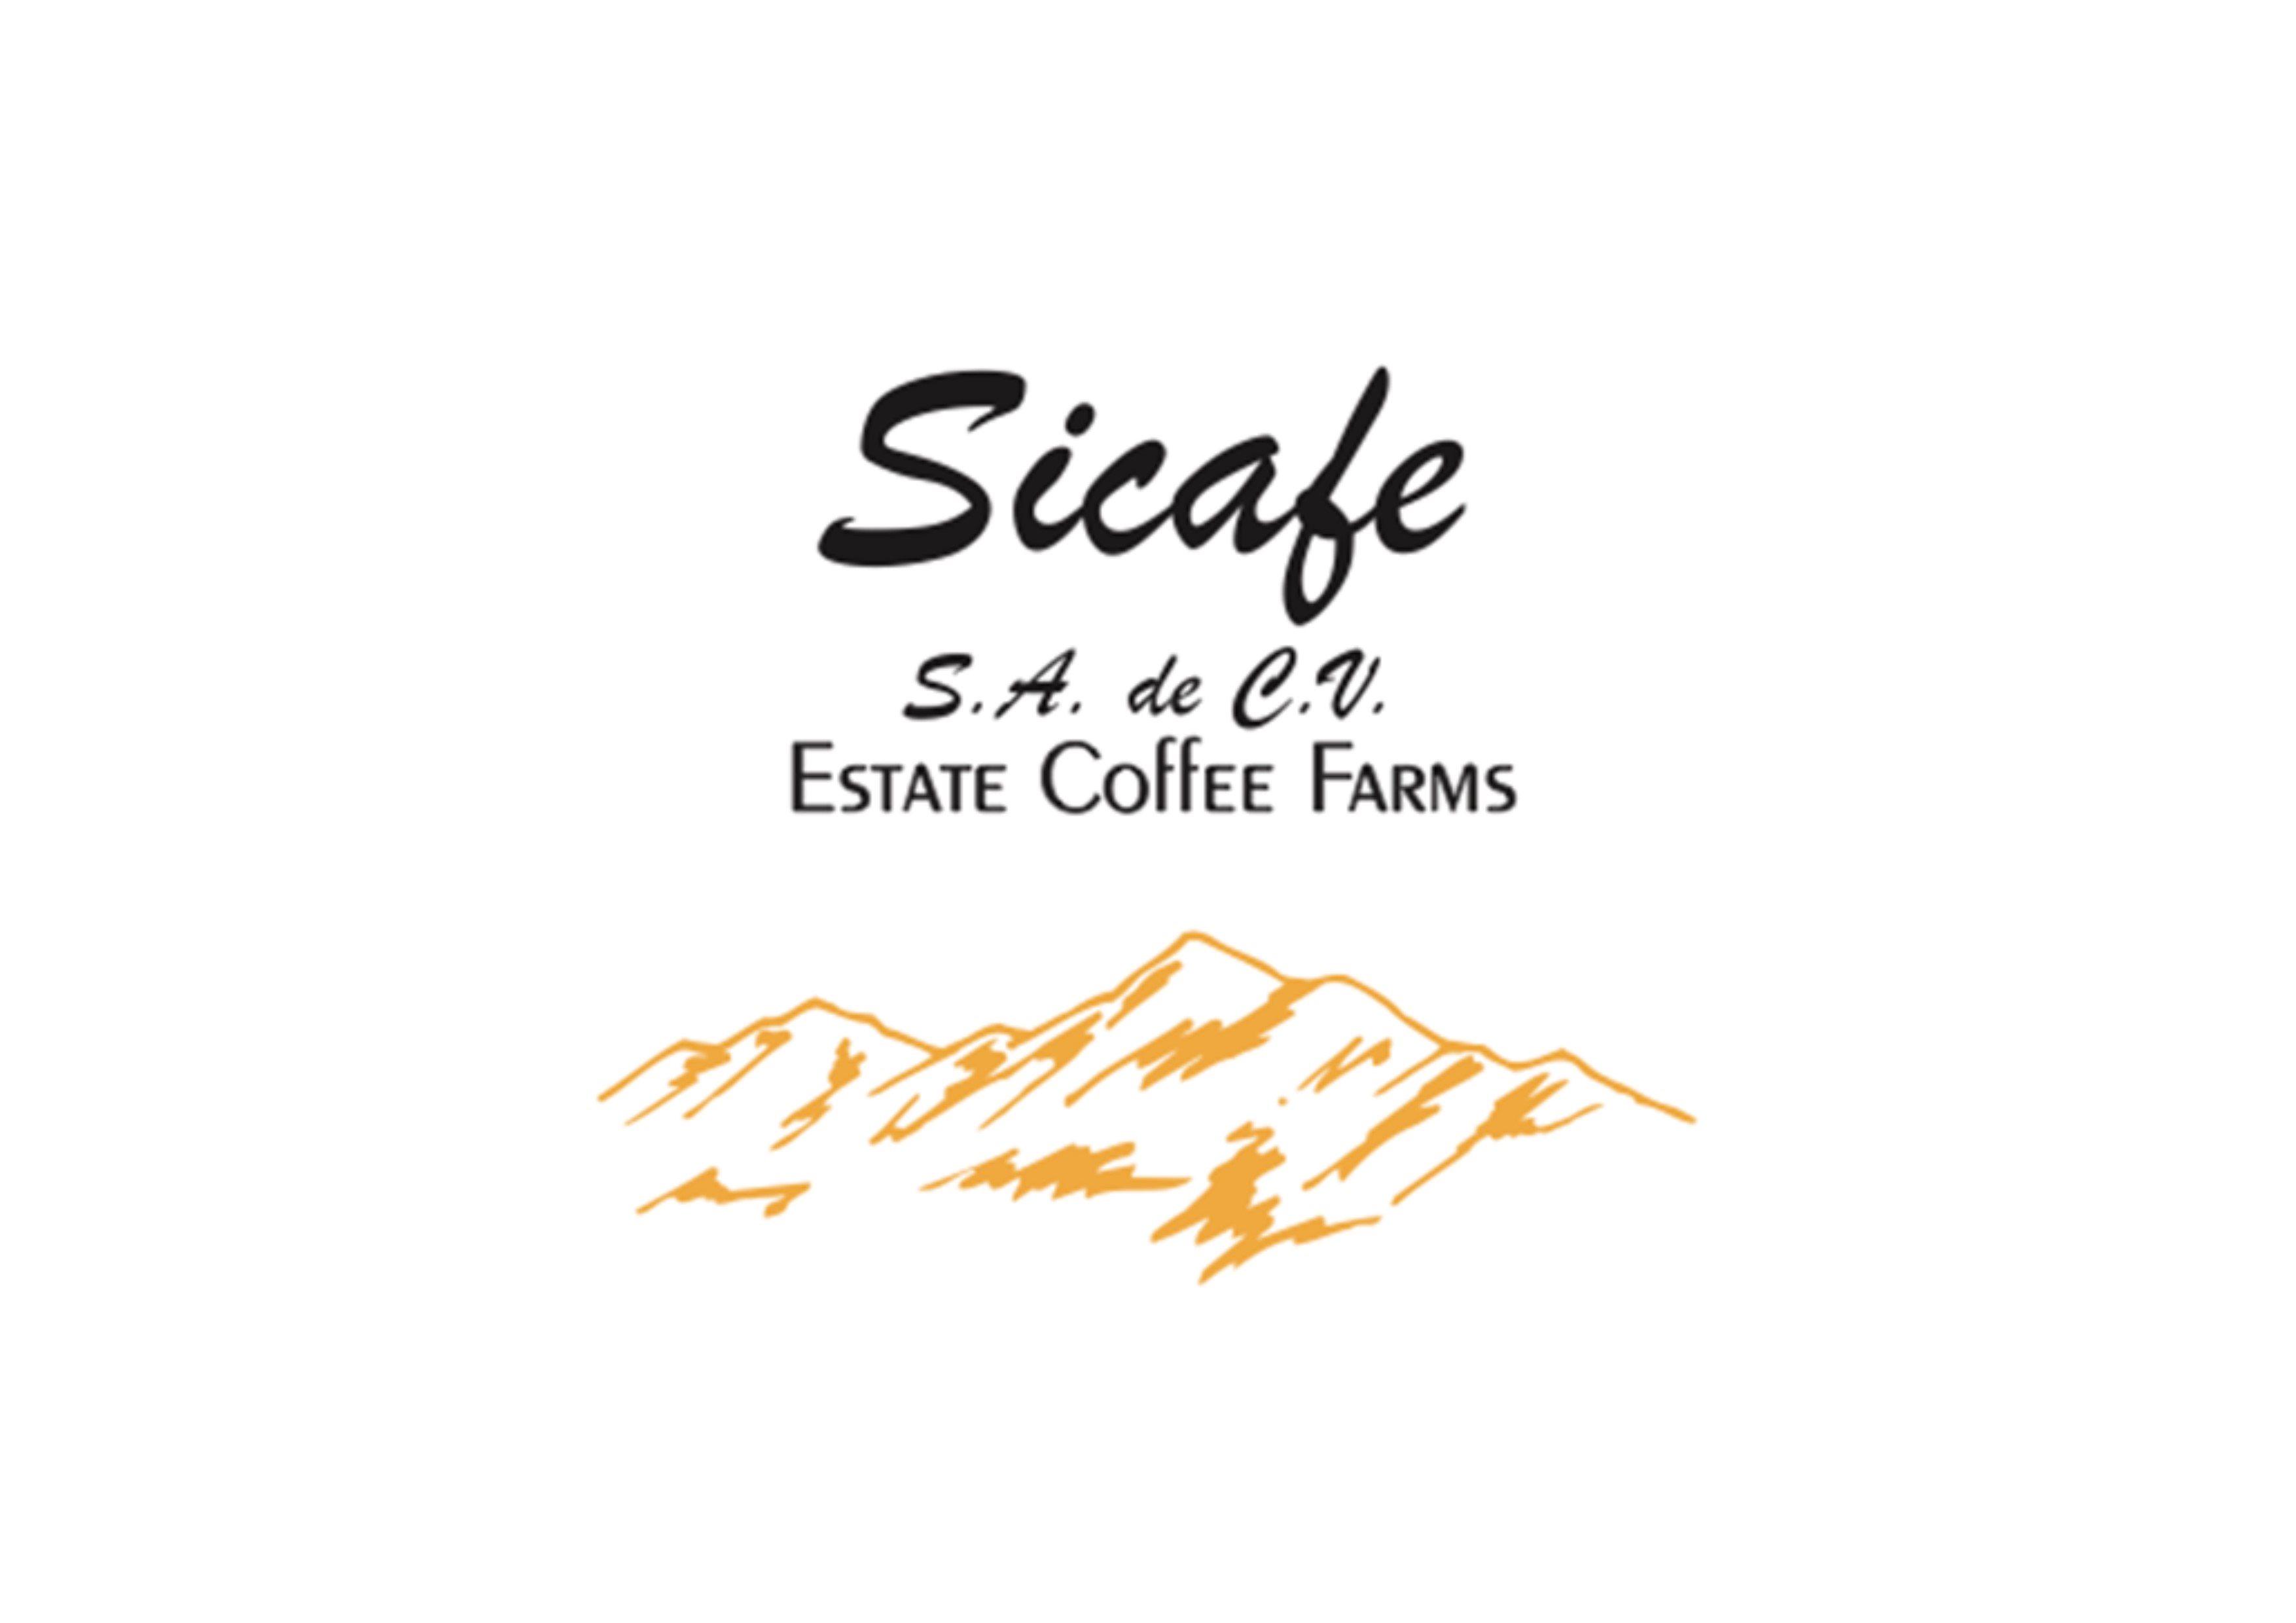 Sicafe S.A. de C.V.